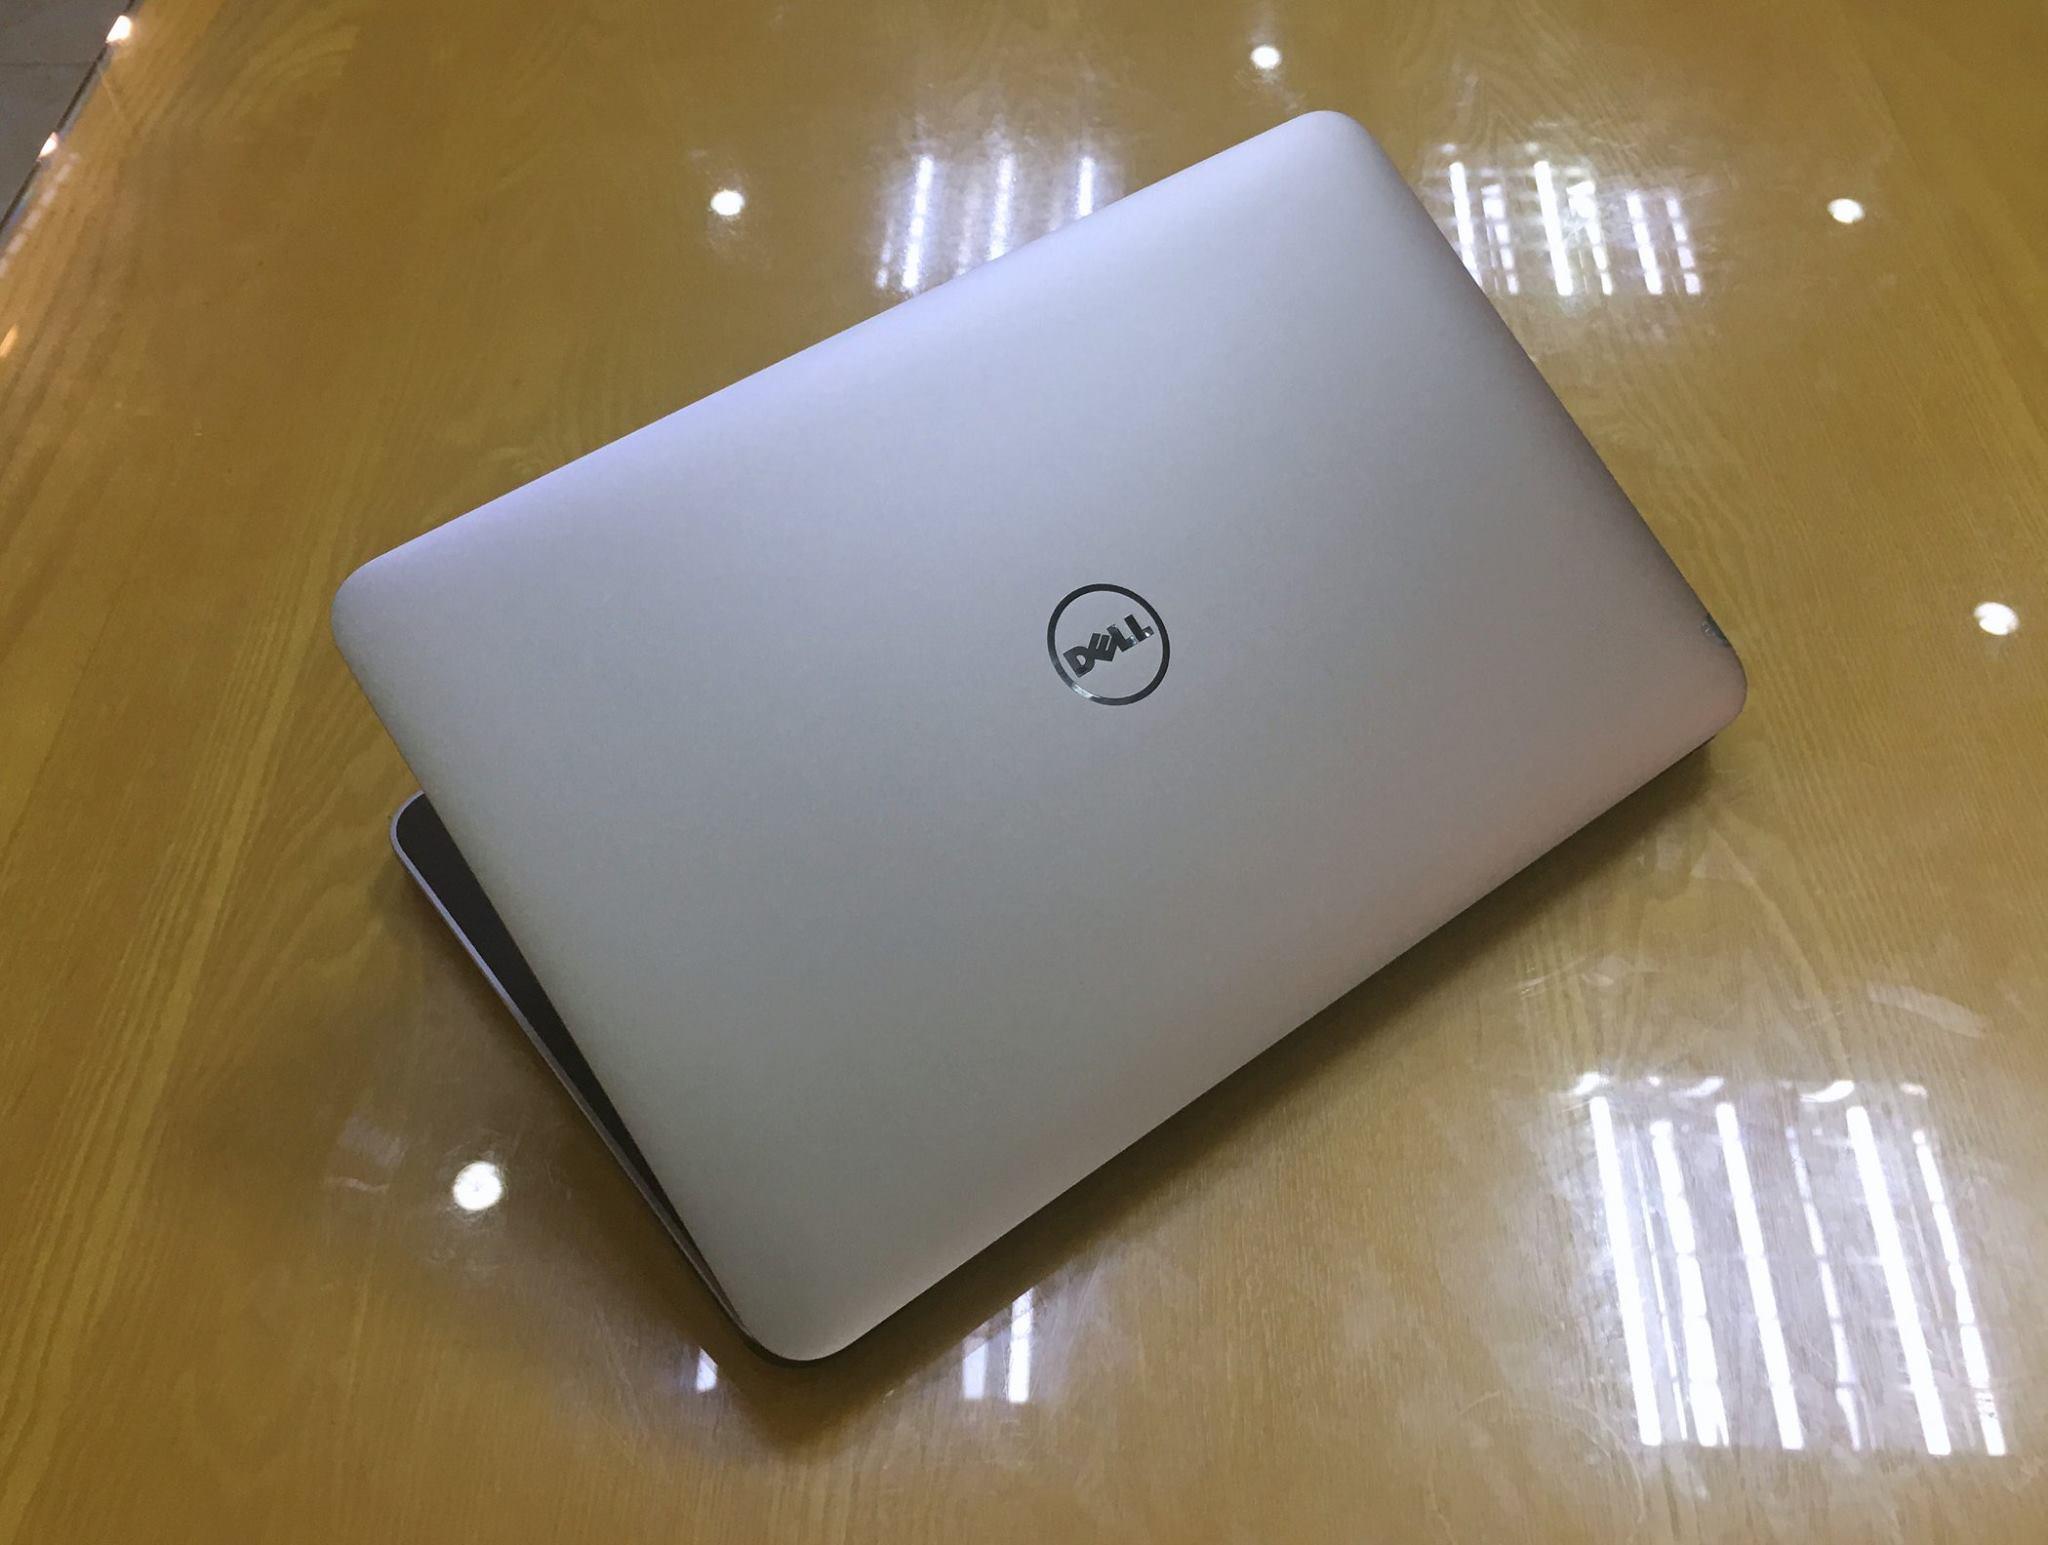 Chuyên nhập trực tiếp từ mỹ về laptop..core i....giá >4tr>5tr>6tr>7tr>tới 10tr,máy mới 99%..zin 100% - 7